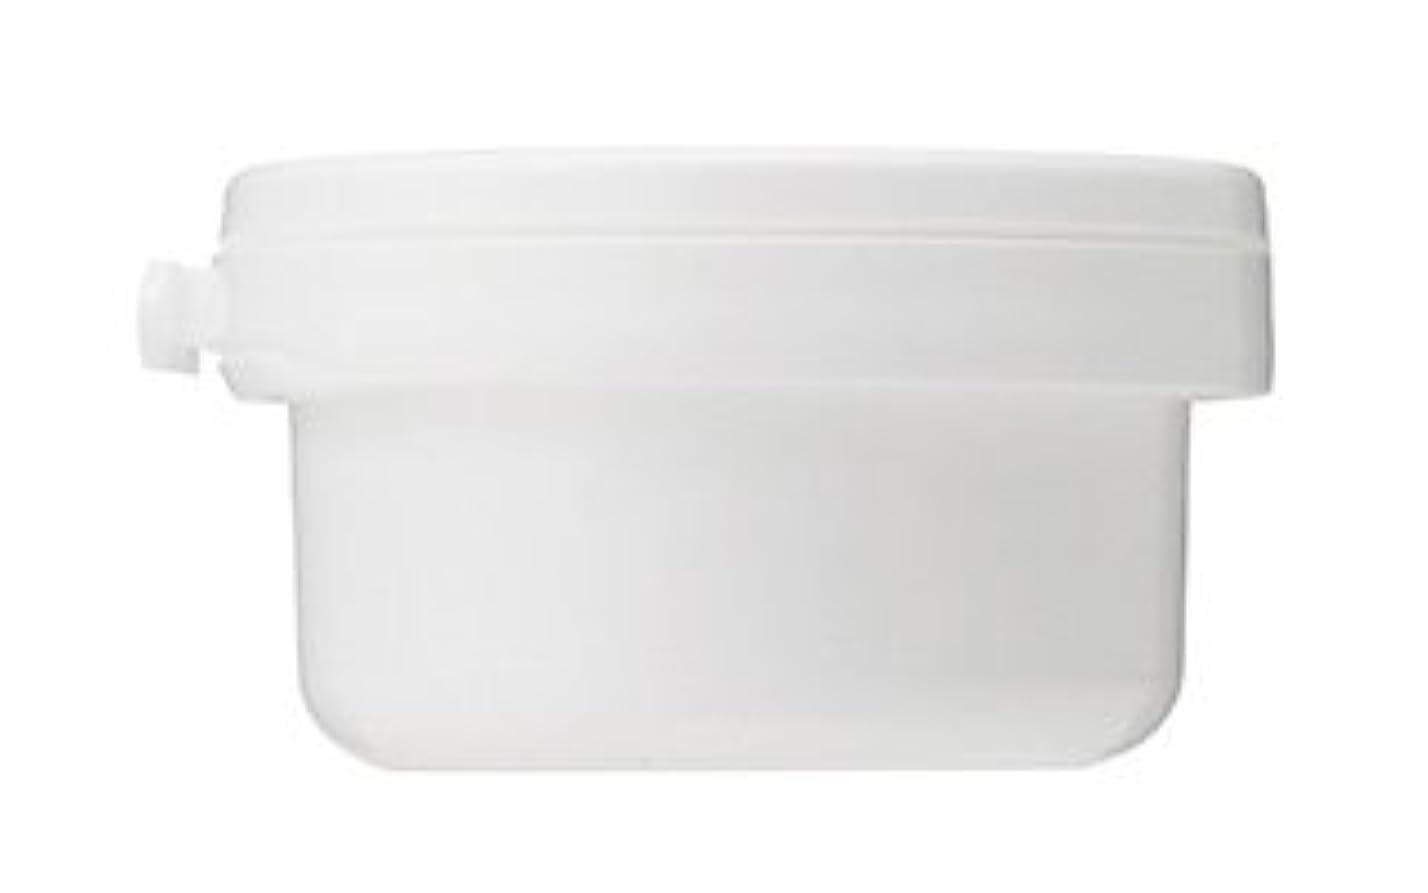 憂鬱な顎蓮インナップEX 保湿クリーム詰め替え用 (潤い効果アップ) モイスチャークリーム MD レフィル [弱酸性]